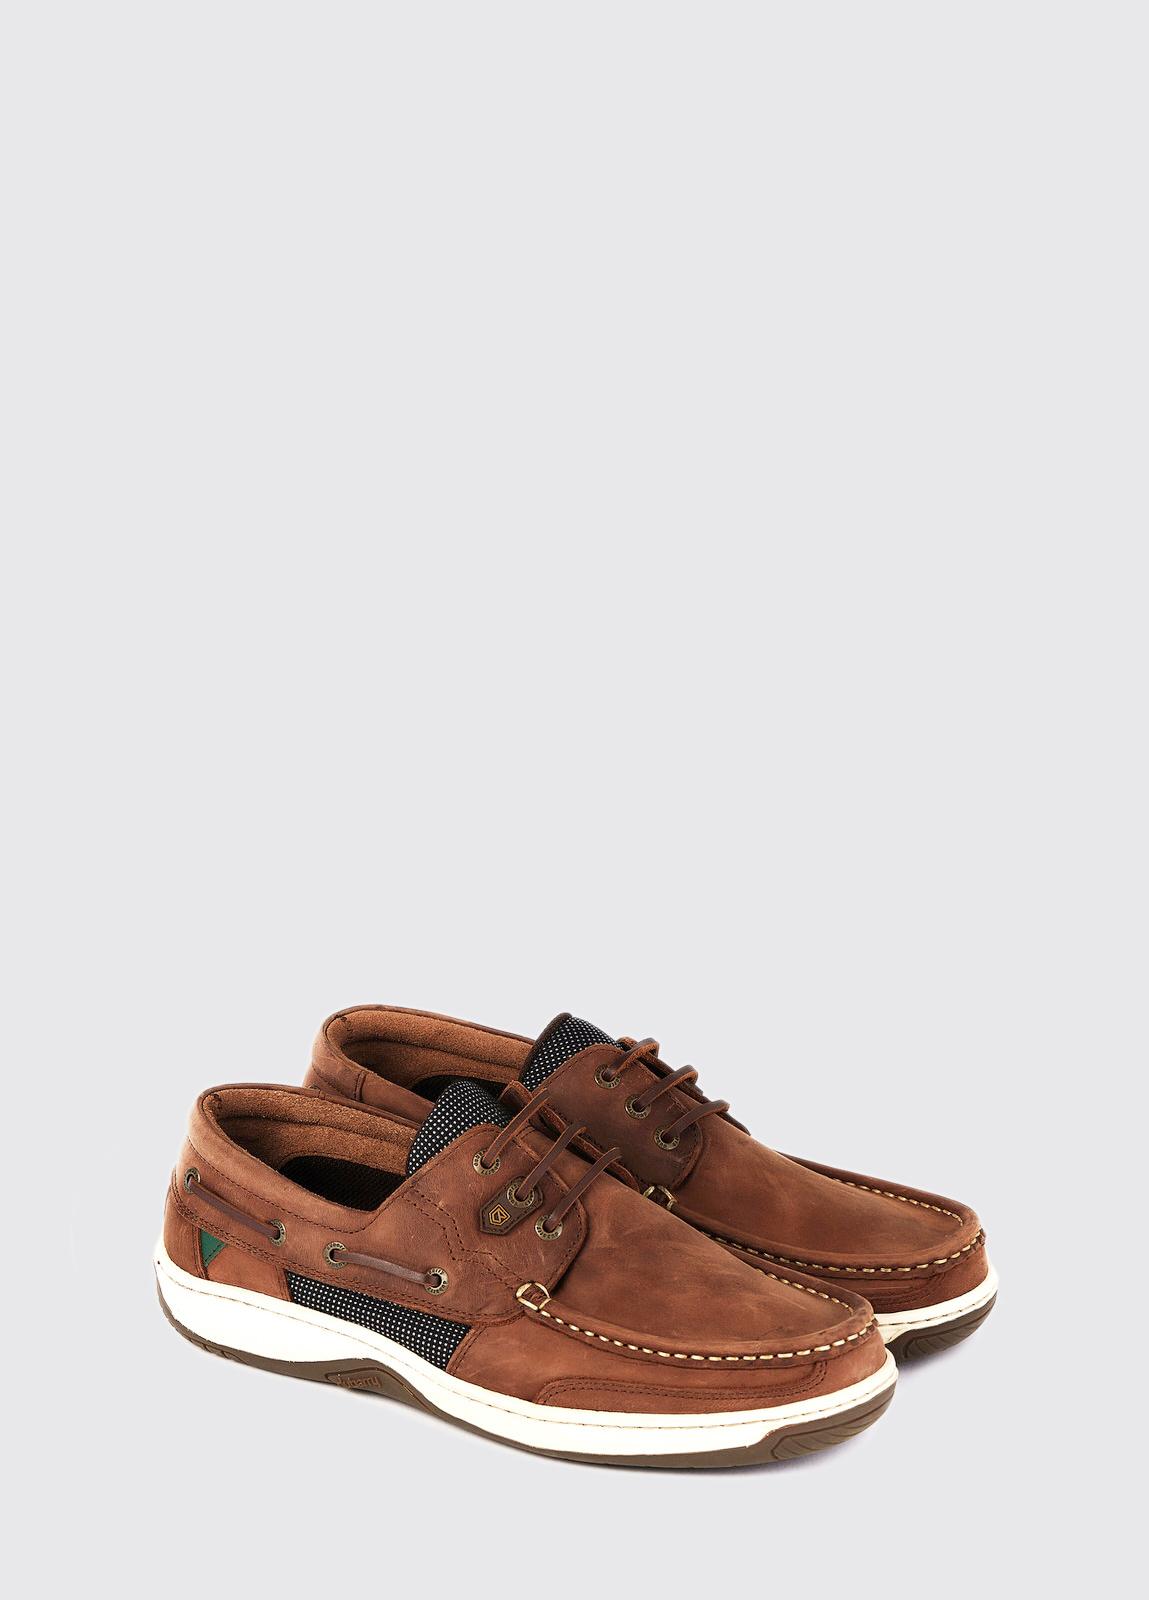 Regatta Deck Shoe - Chestnut